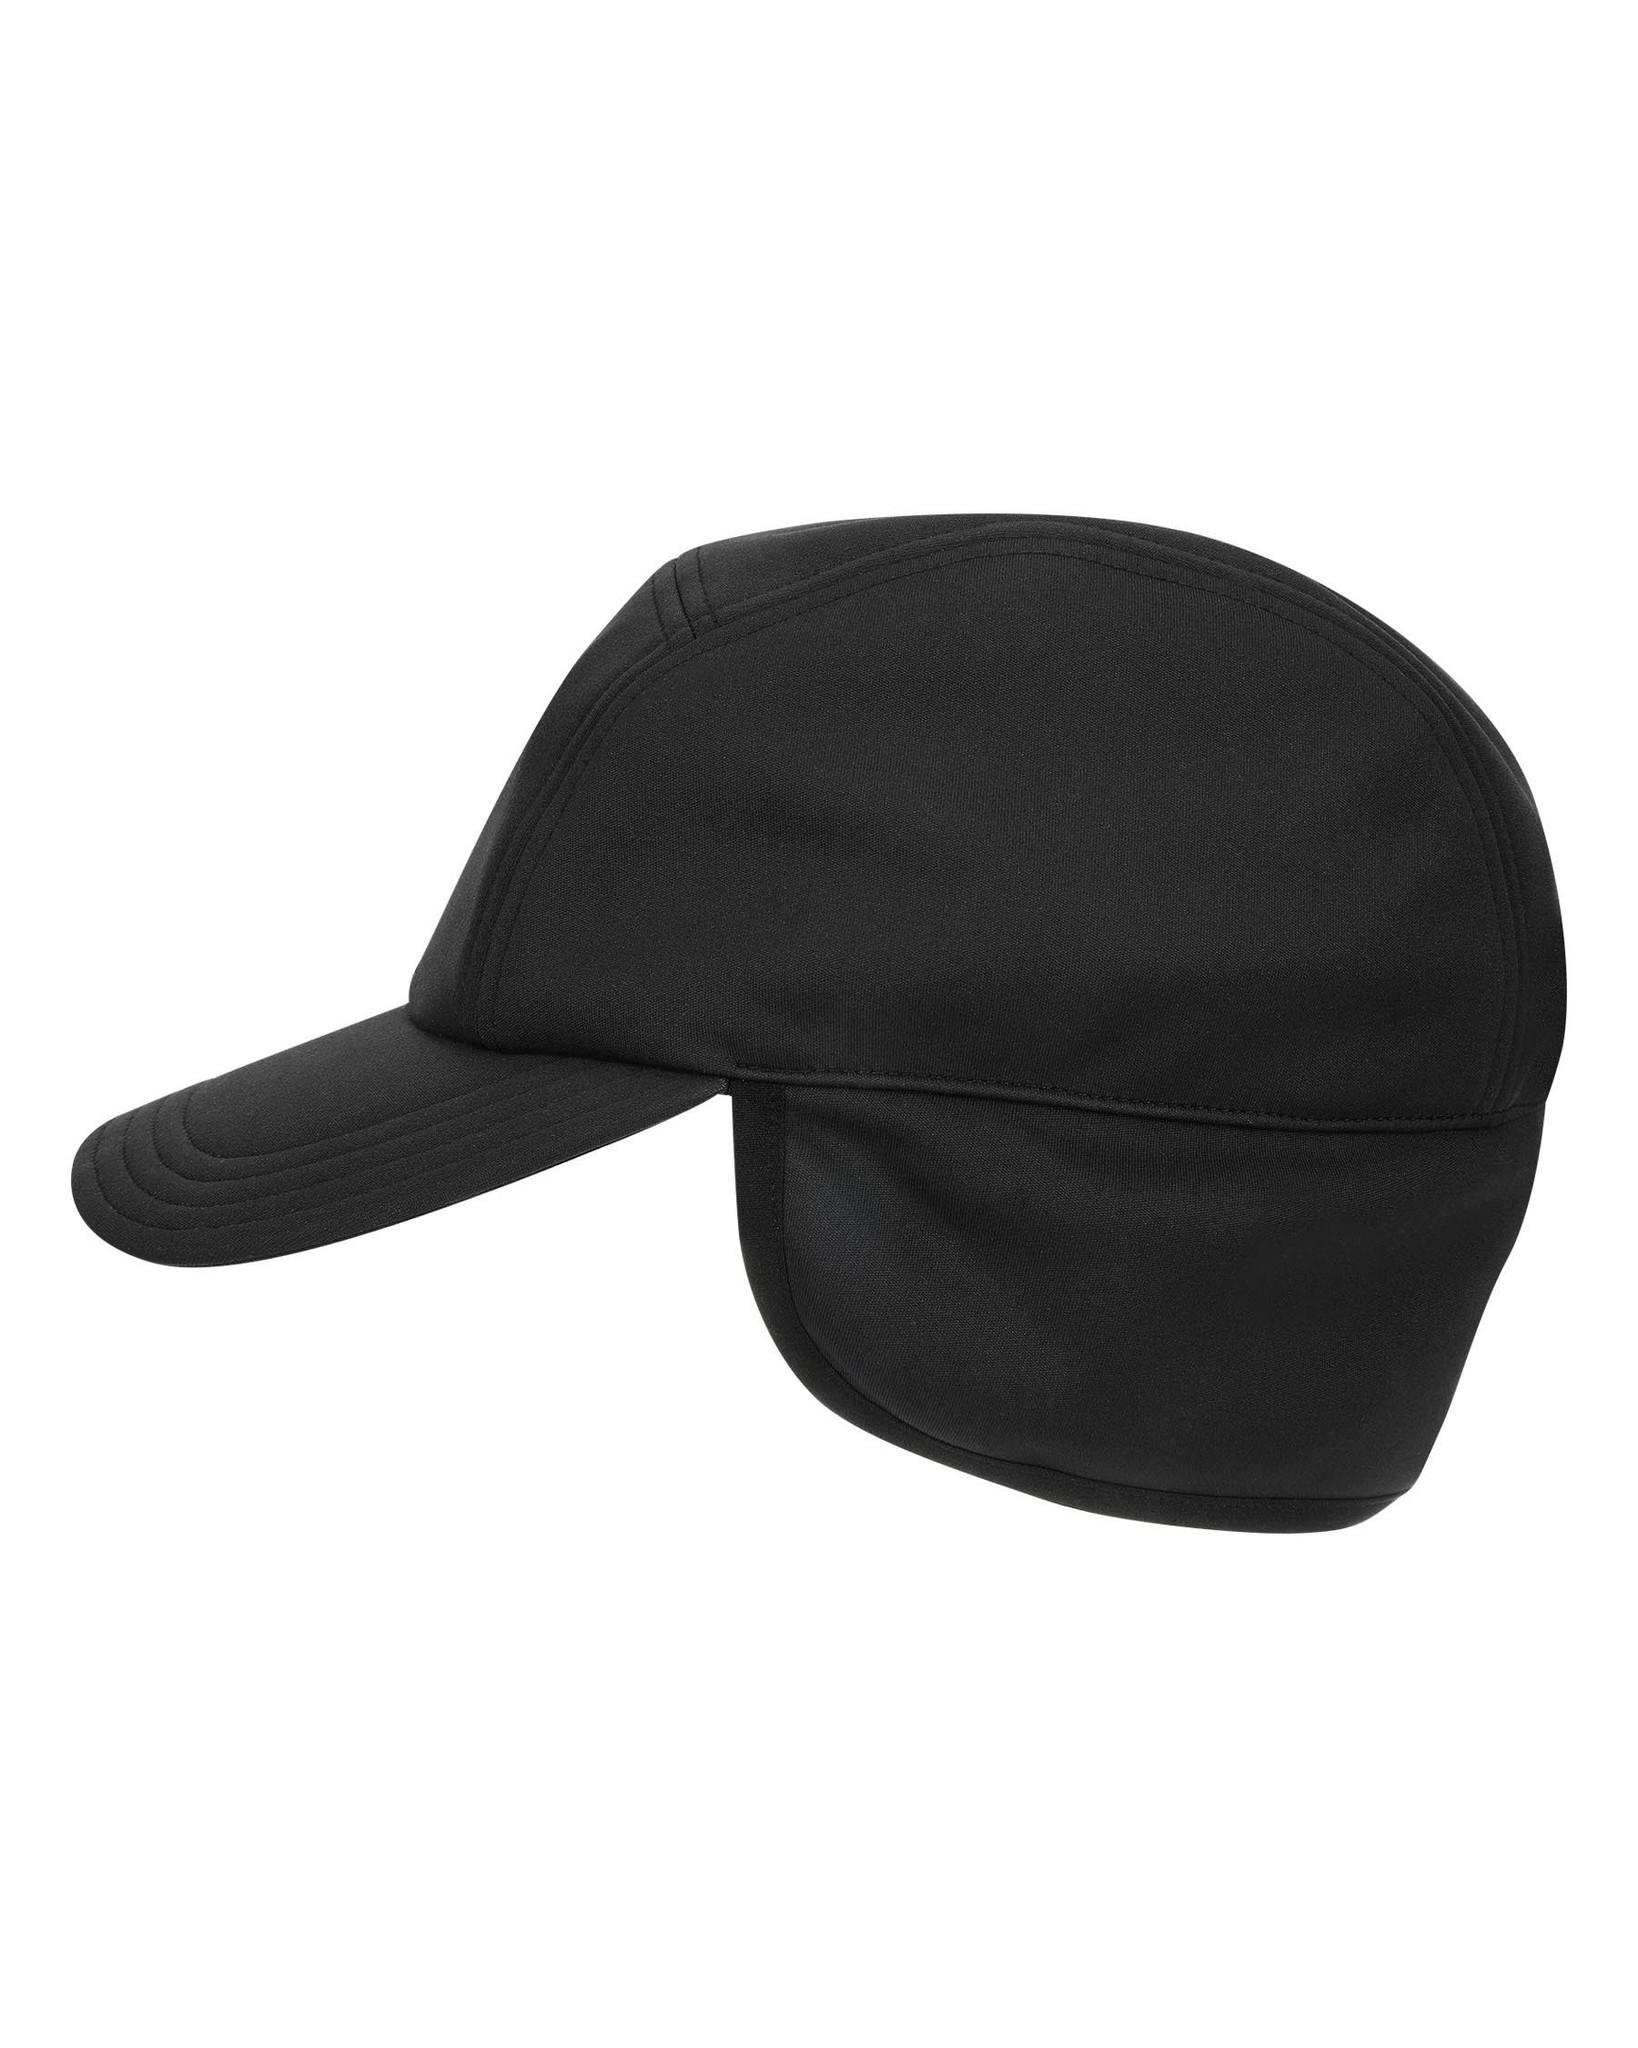 SIMMS GORE INFINIUM WIND CAP